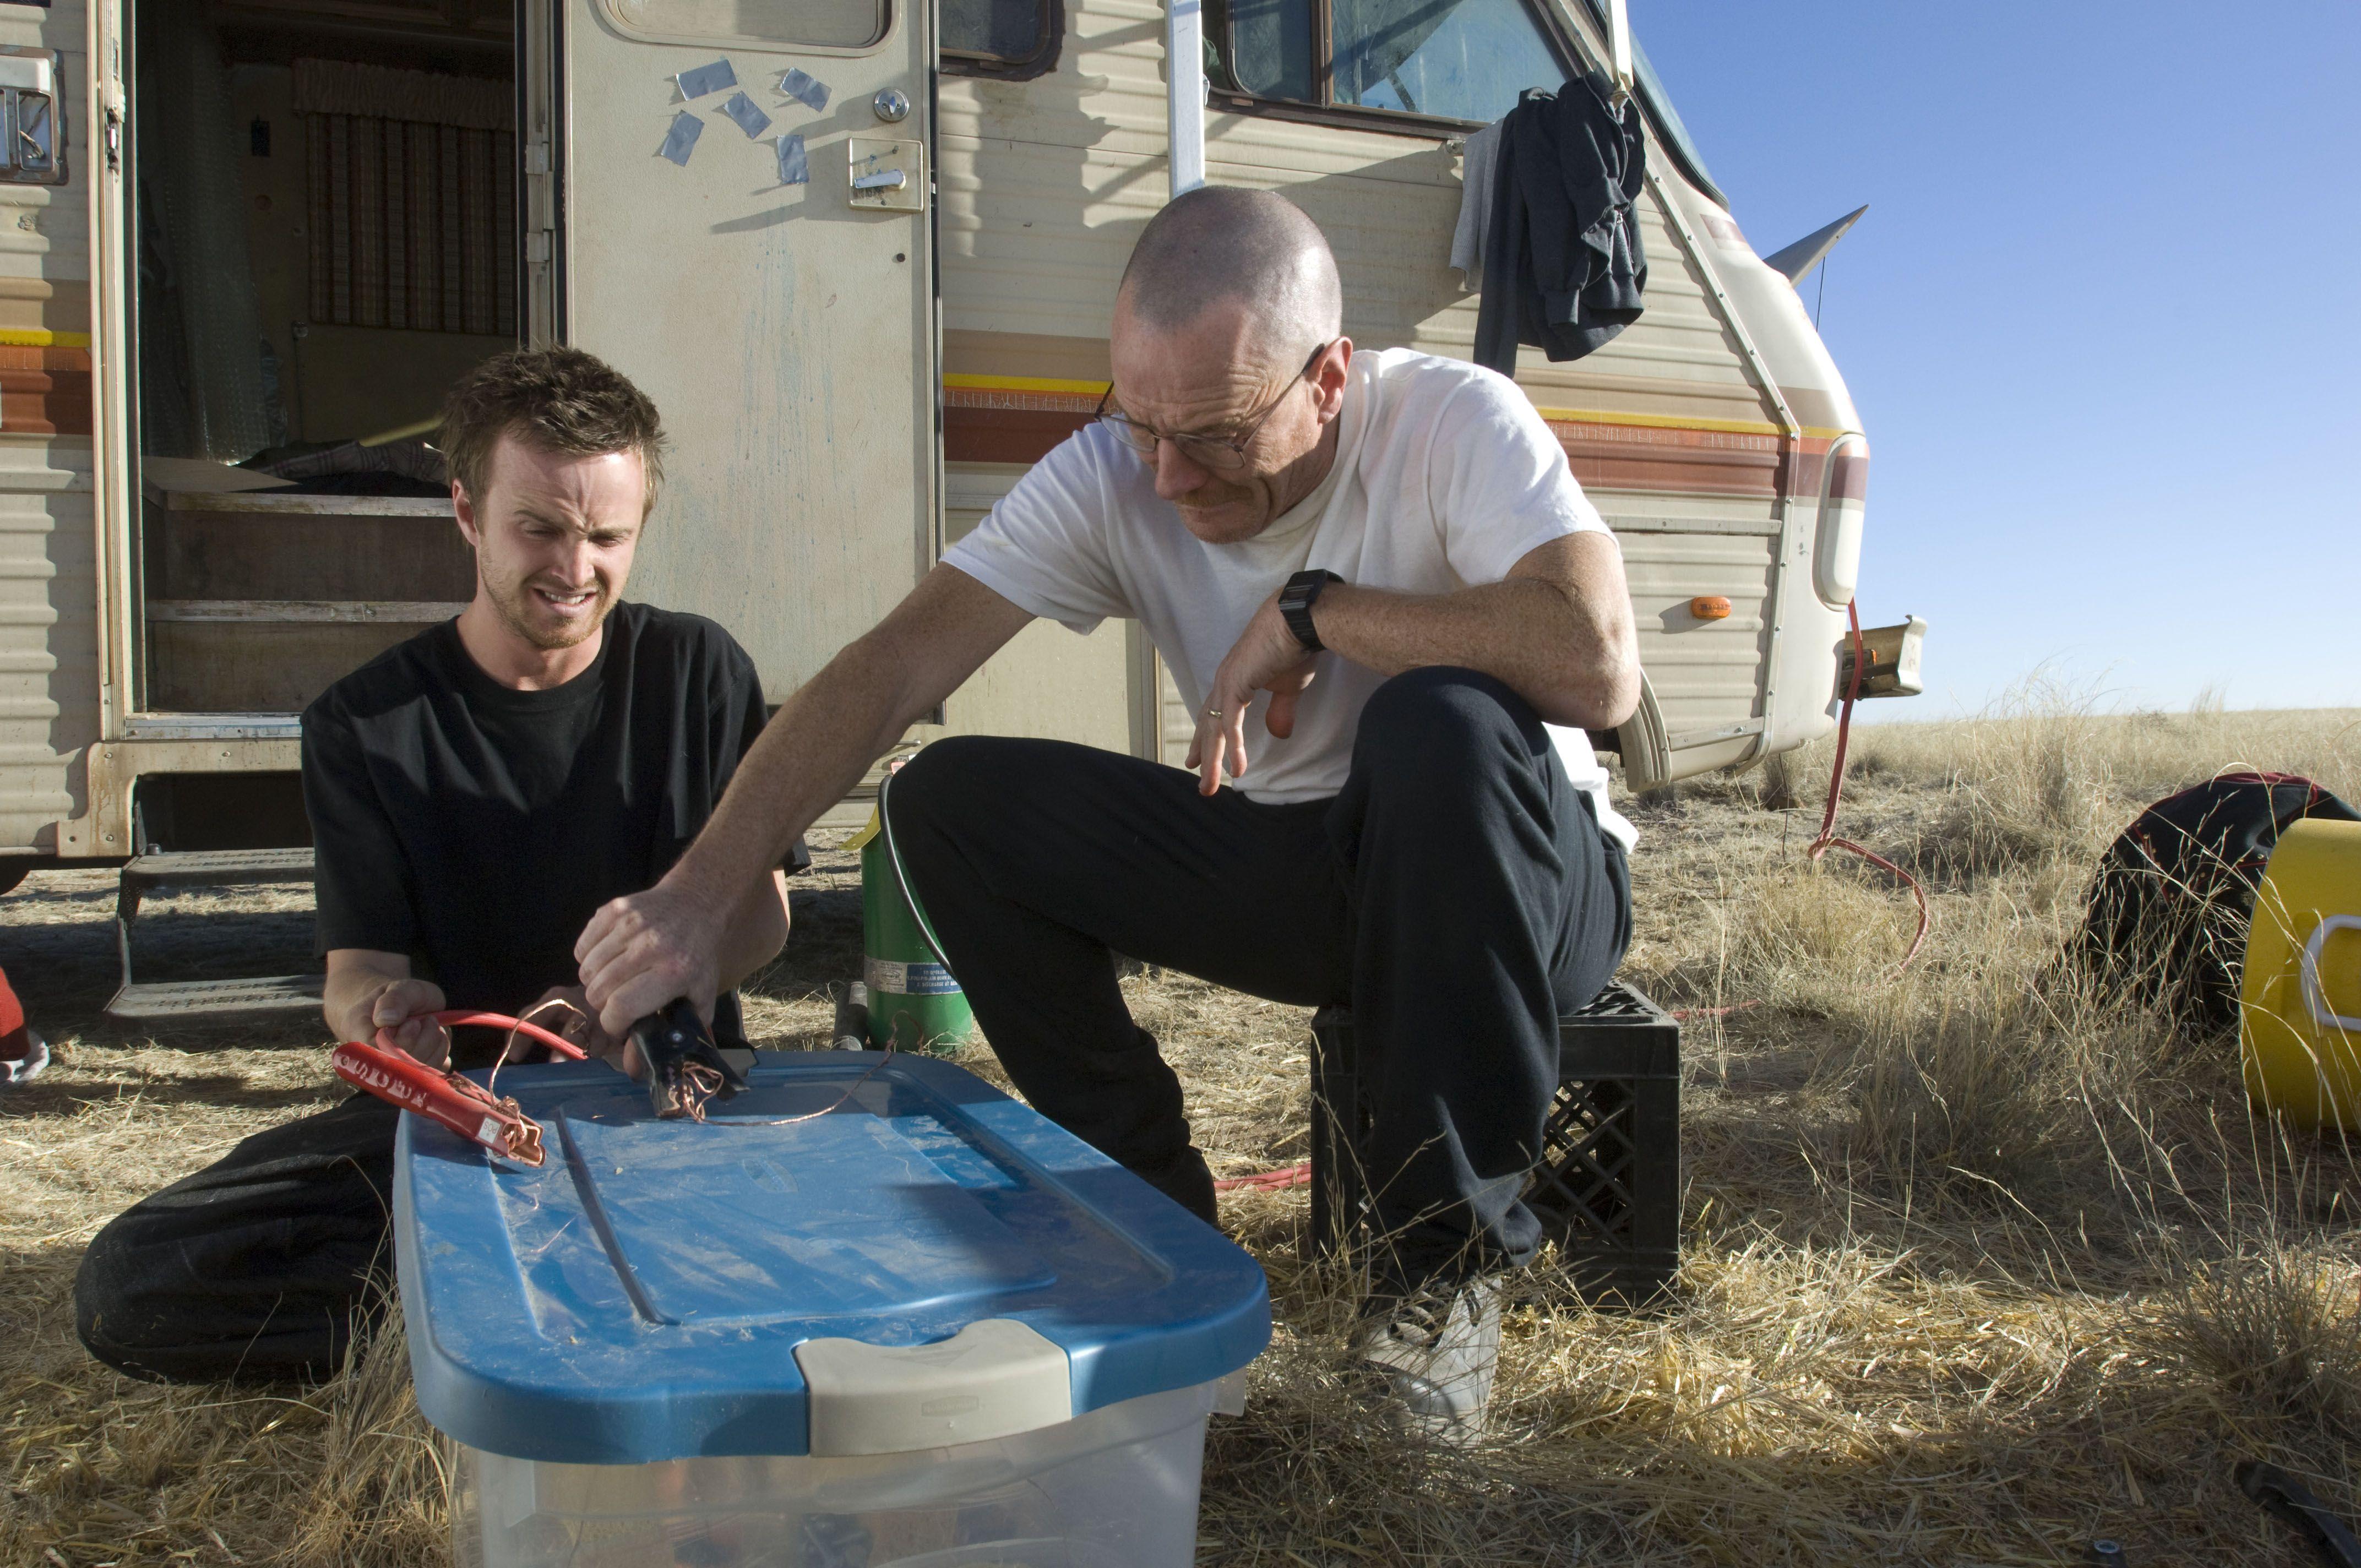 El Camino's Aaron Paul reveals his favourite Breaking Bad episode